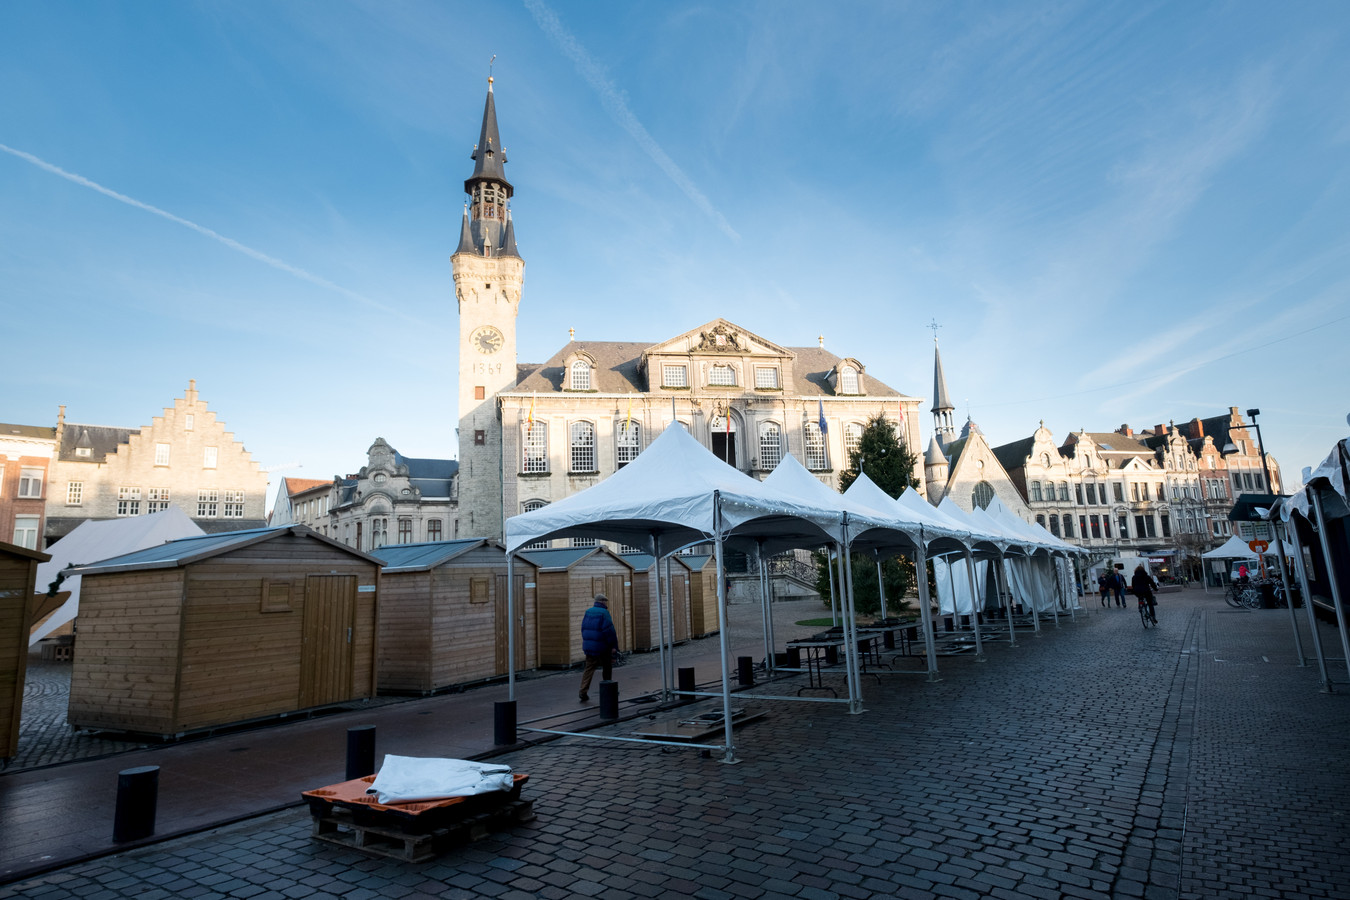 Tijdens de kerstmarkt zullen er meer dan honderd kramen staan in het centrum van Lier. Dit is een archiefbeeld van een vorige editie.